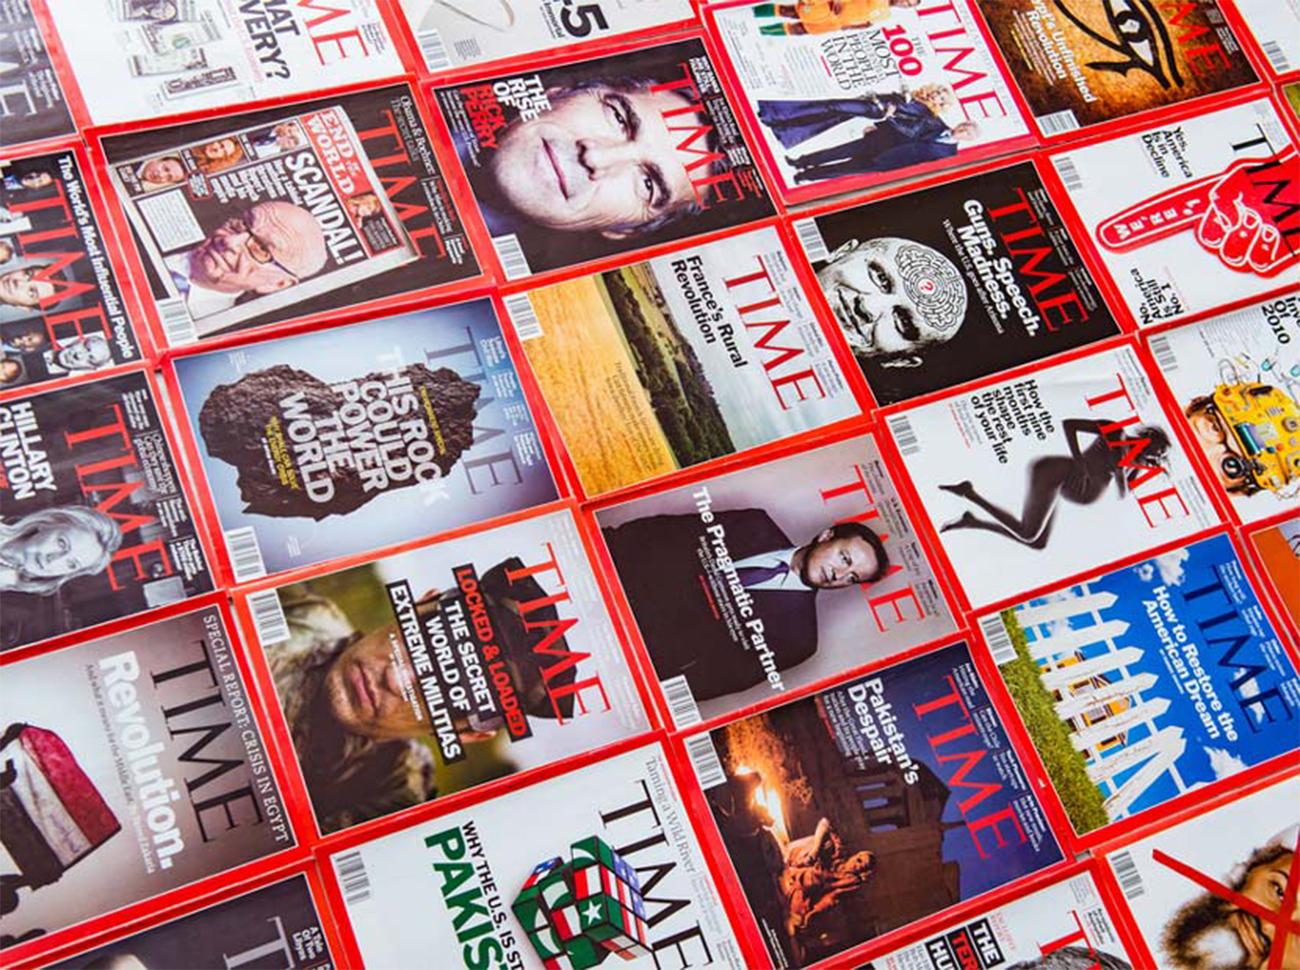 Tıme Dergisi Yine Satıldı